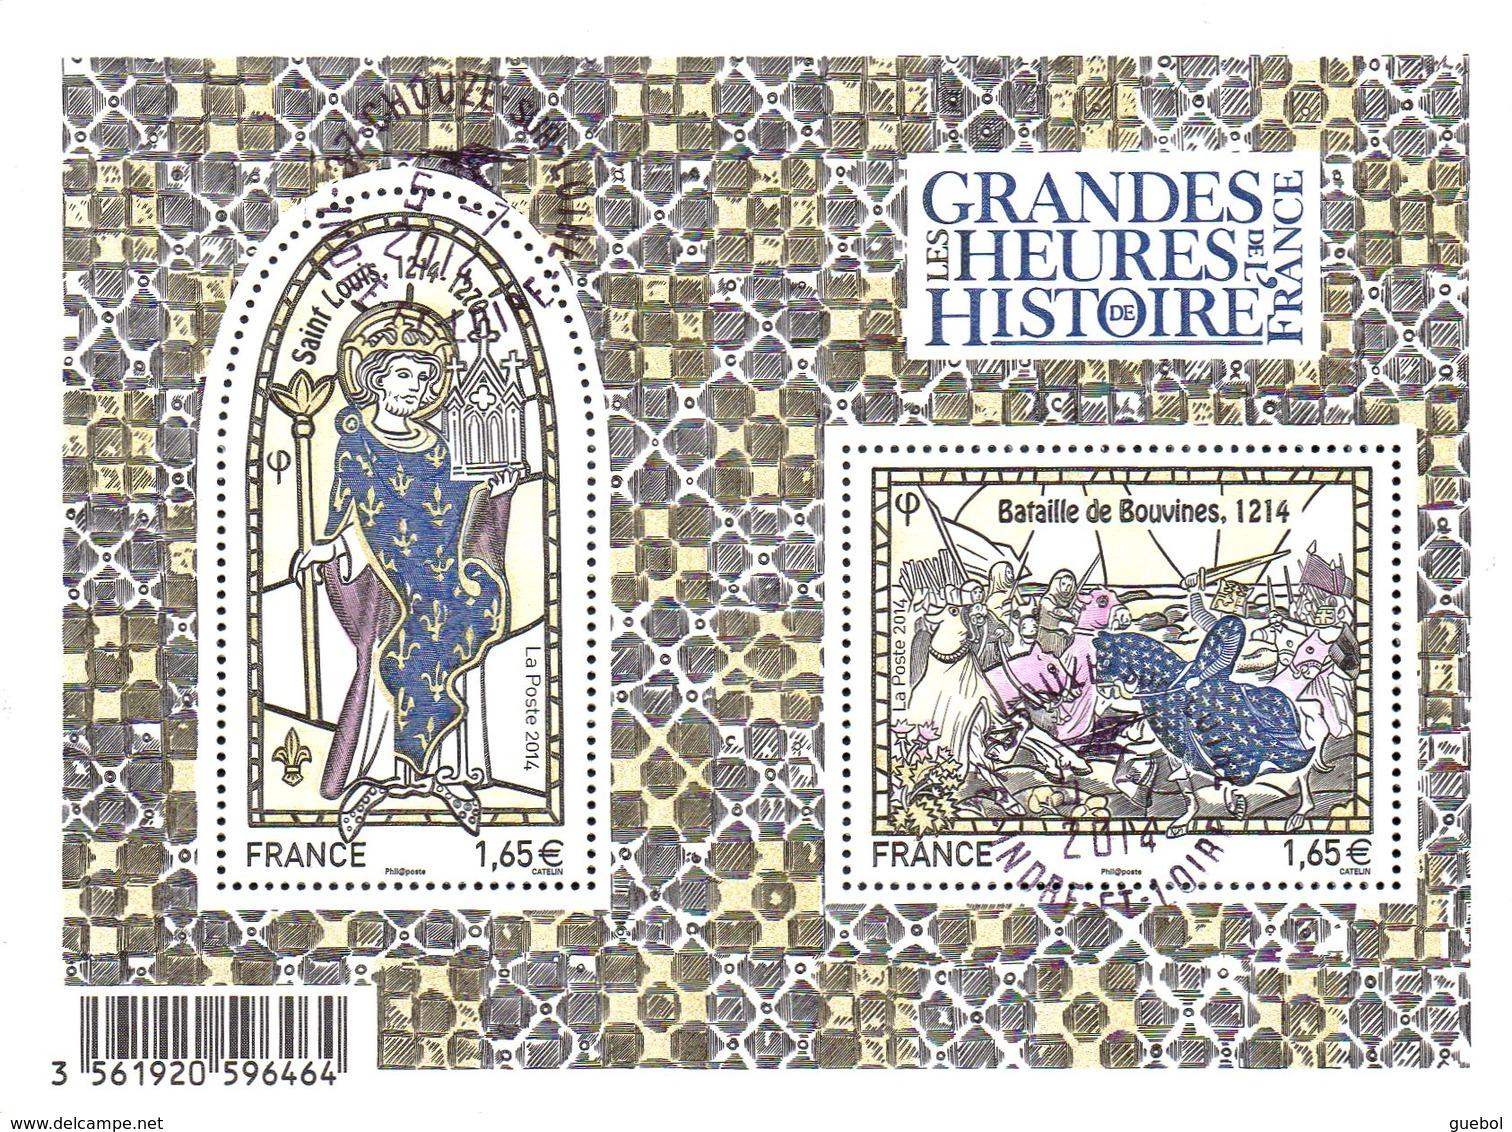 France Oblitération Cachet à Date BF N° F 4857 - Les Grandes Heures De L'Histoire - St Louis, Bataille De Bouvines - Blocks & Kleinbögen